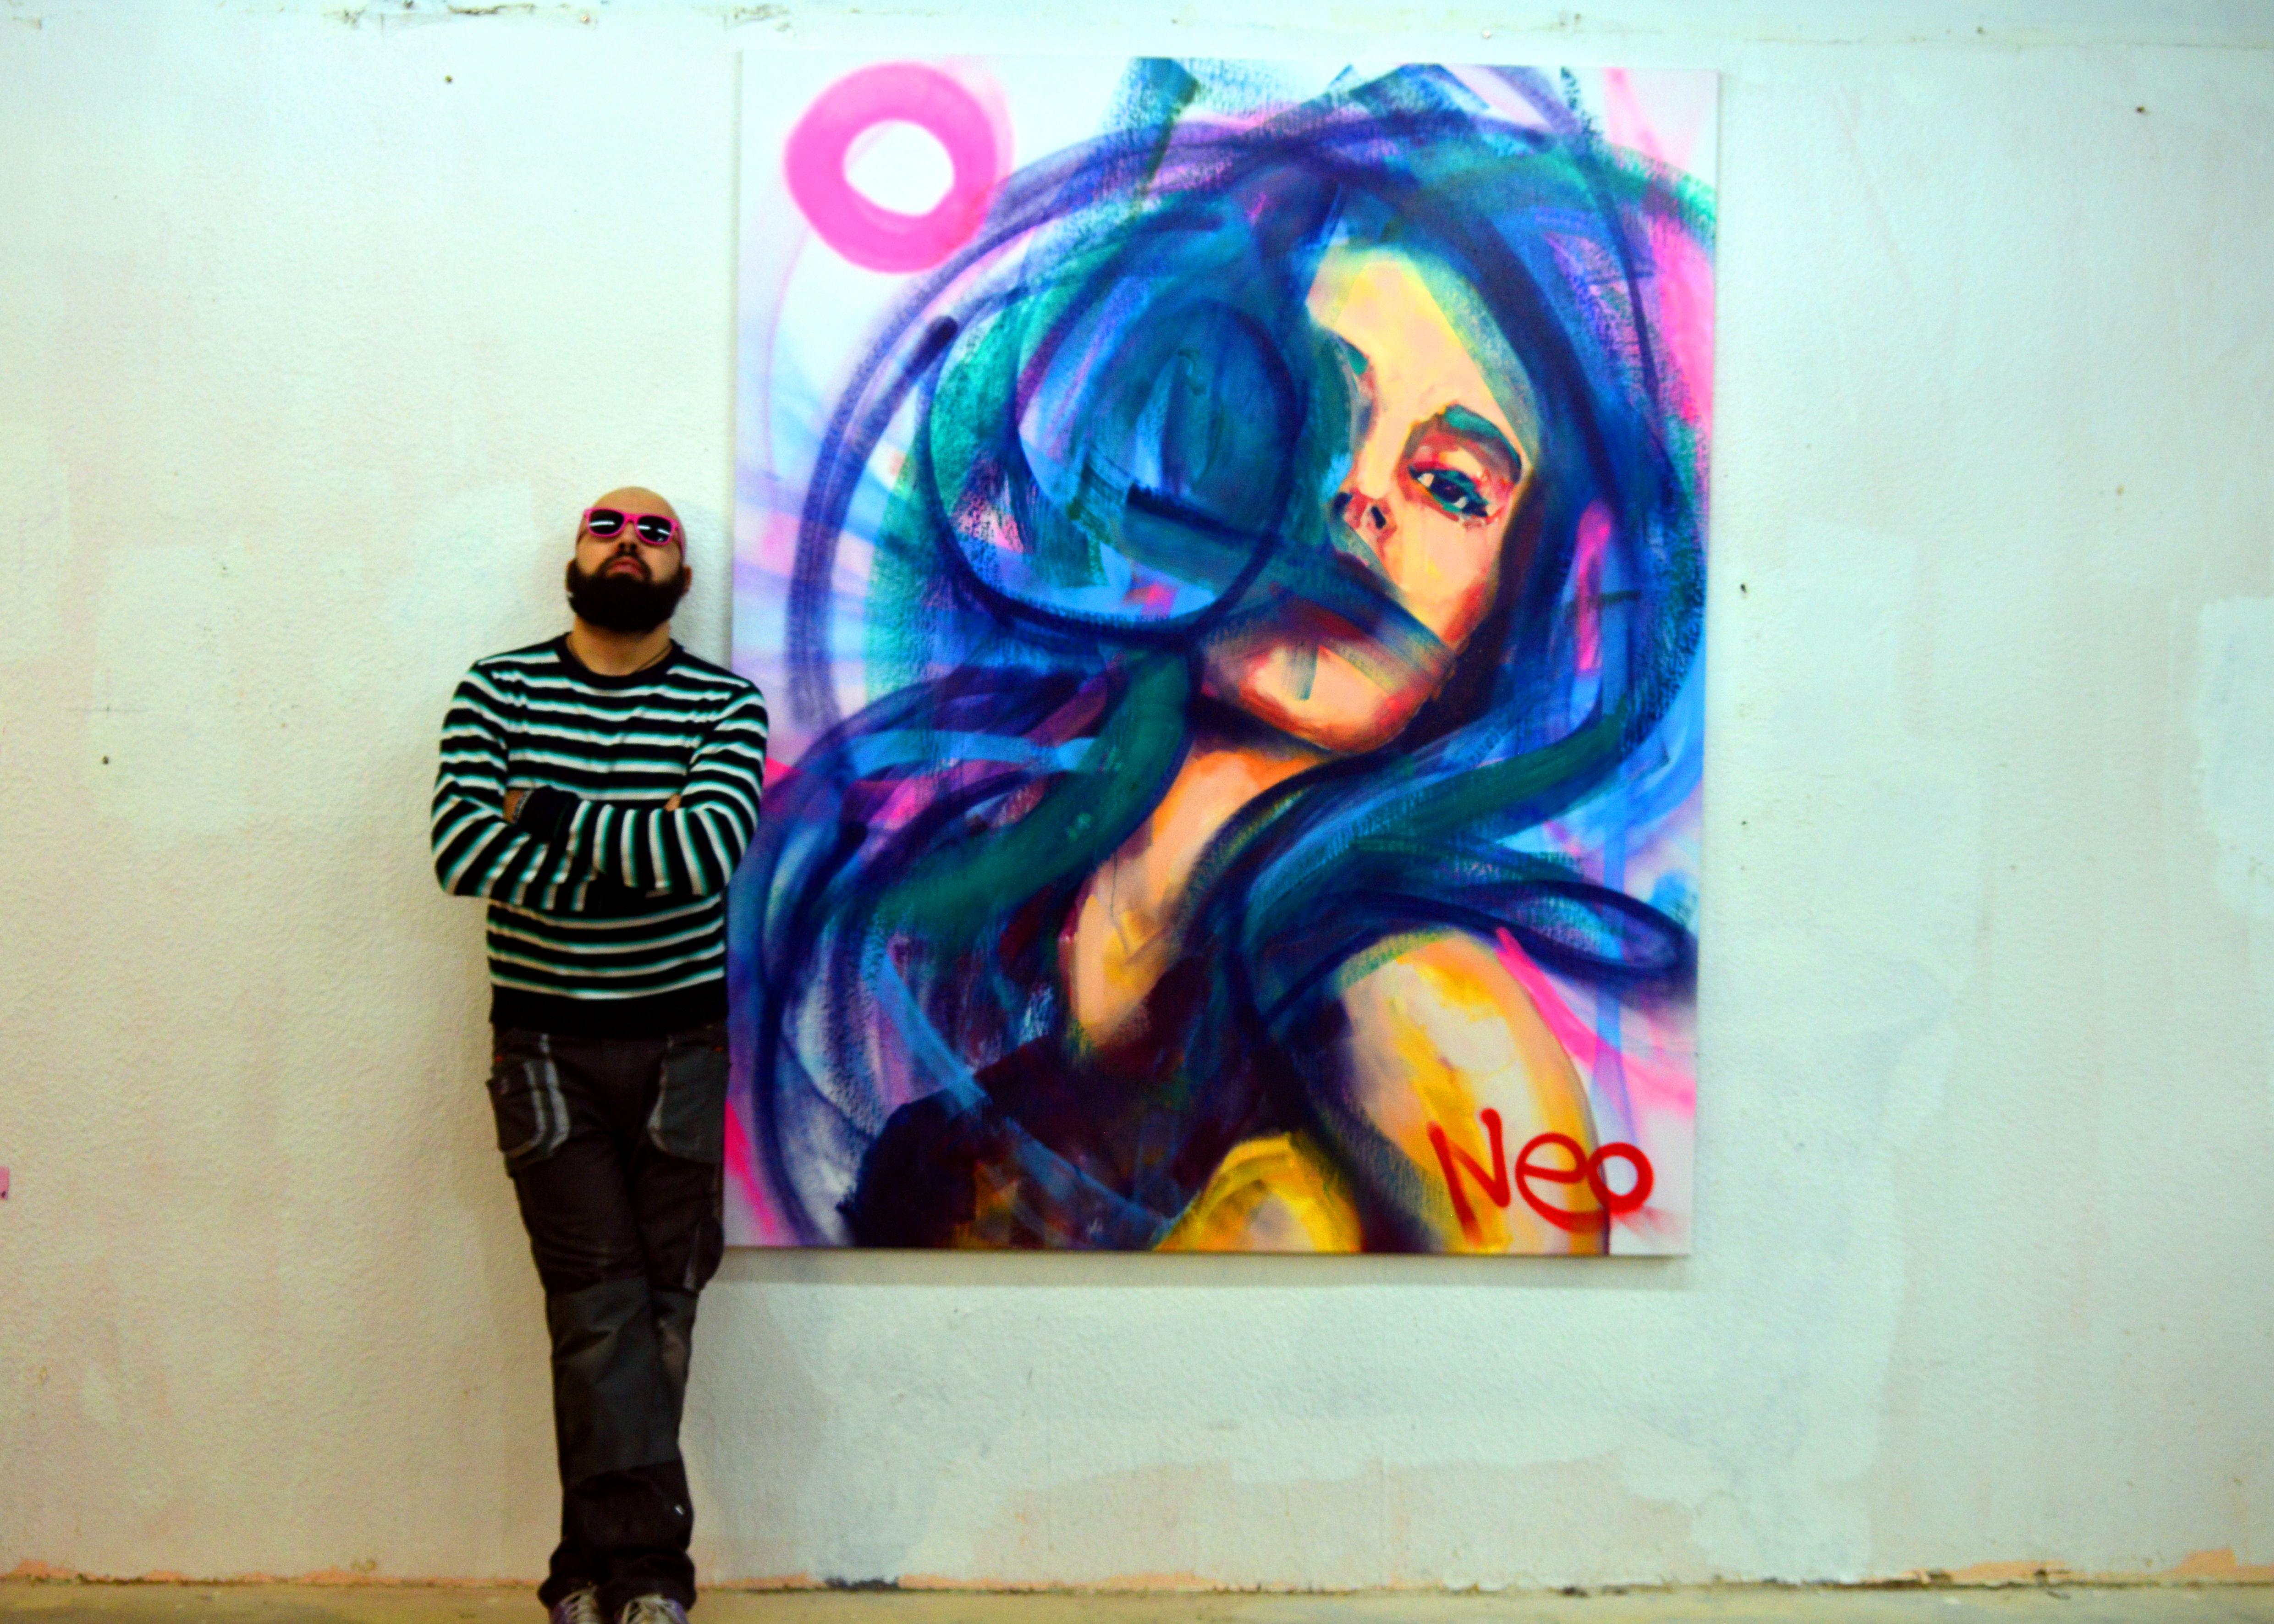 Francesco NEO_XXXX_185x155_2016_A3.jpg